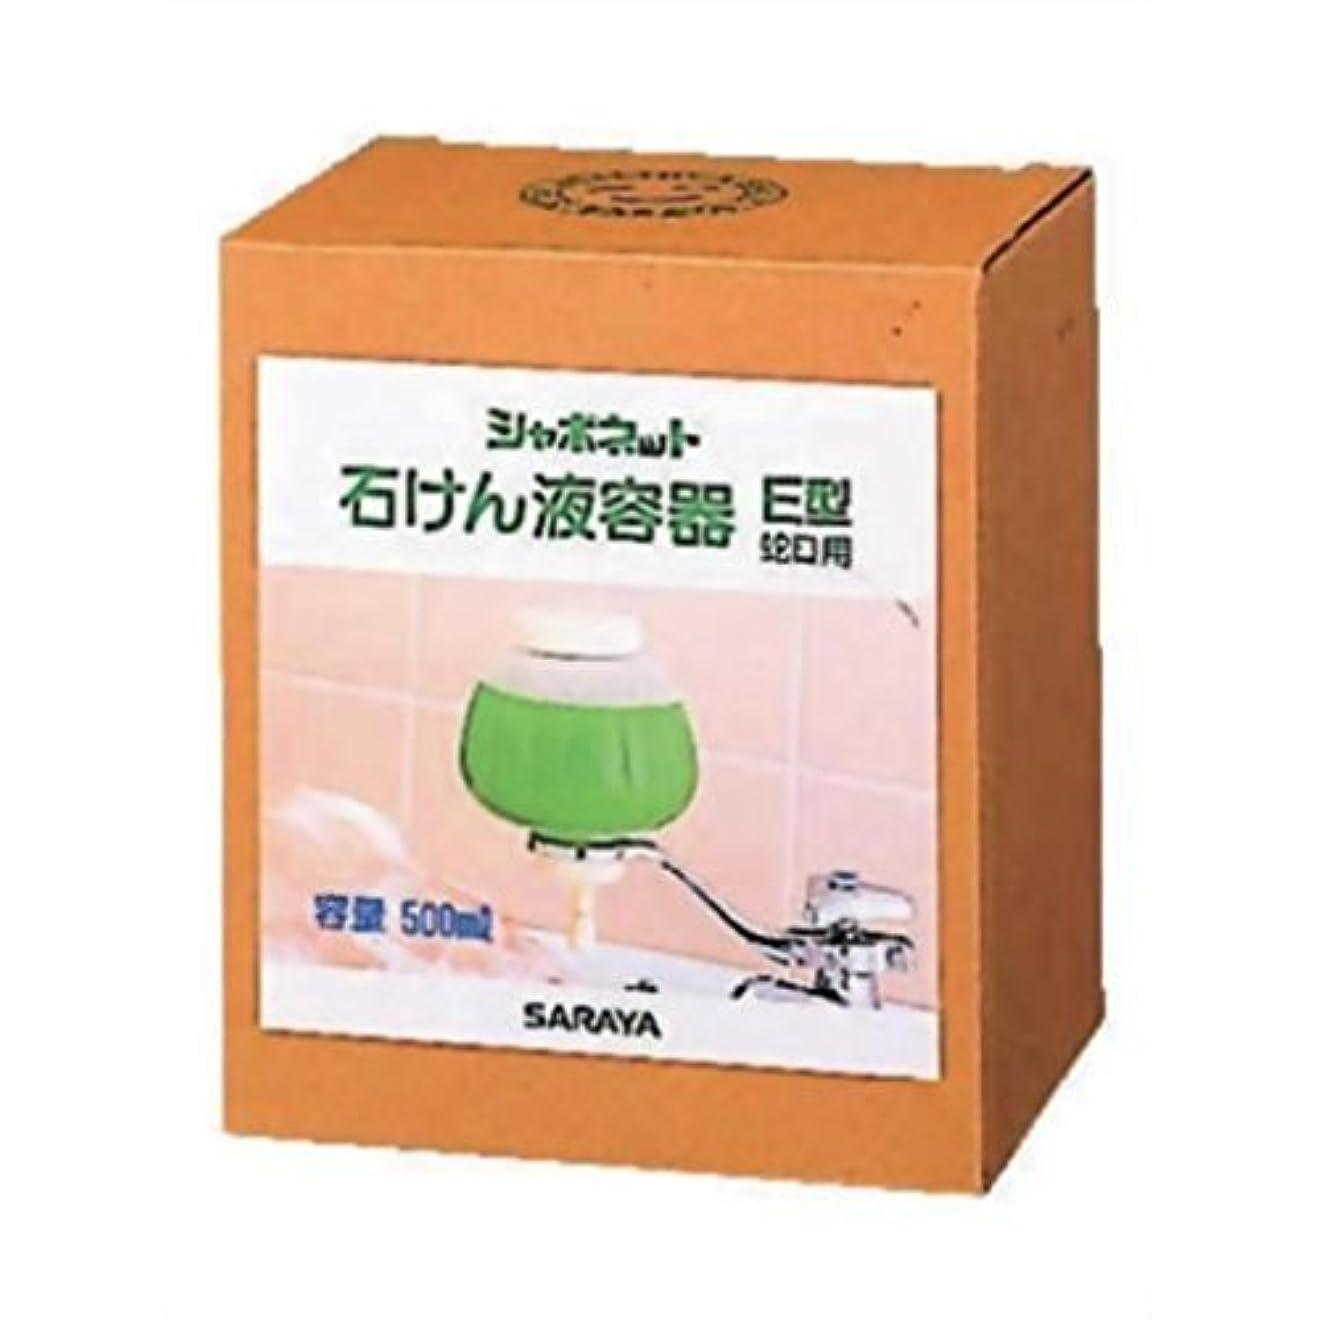 タンクレクリエーションジャーナリスト(まとめ買い)サラヤ シャボネット 容器E型蛇口用500ml 【×6セット】